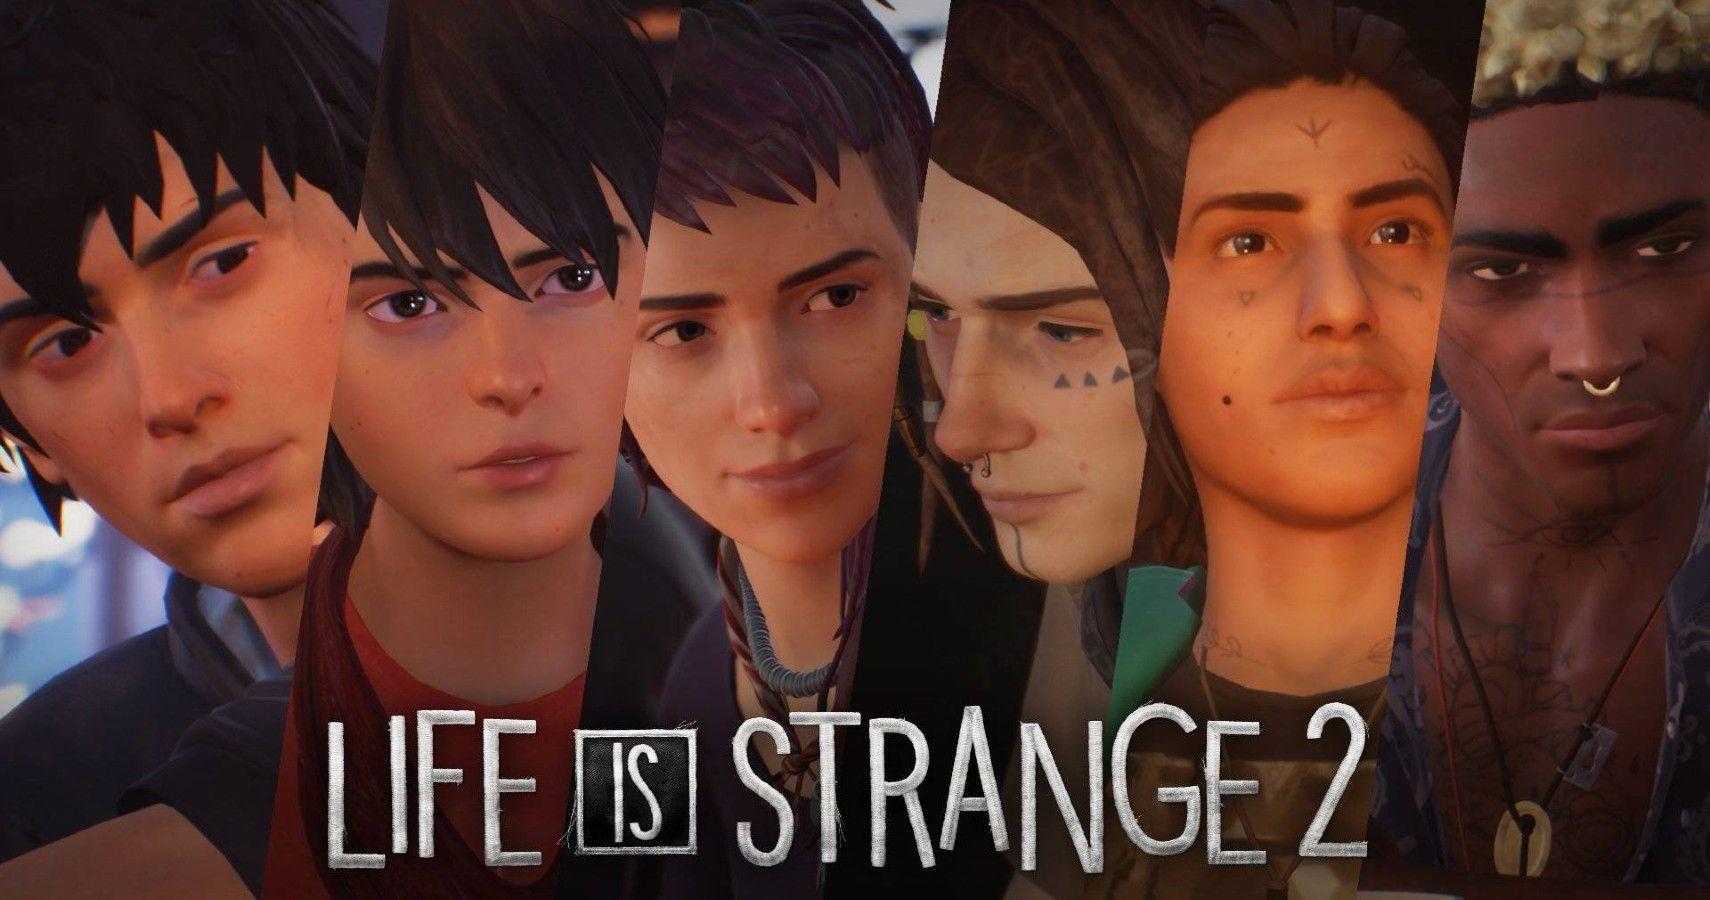 Life-Is-Strange-2-Resized.jpg